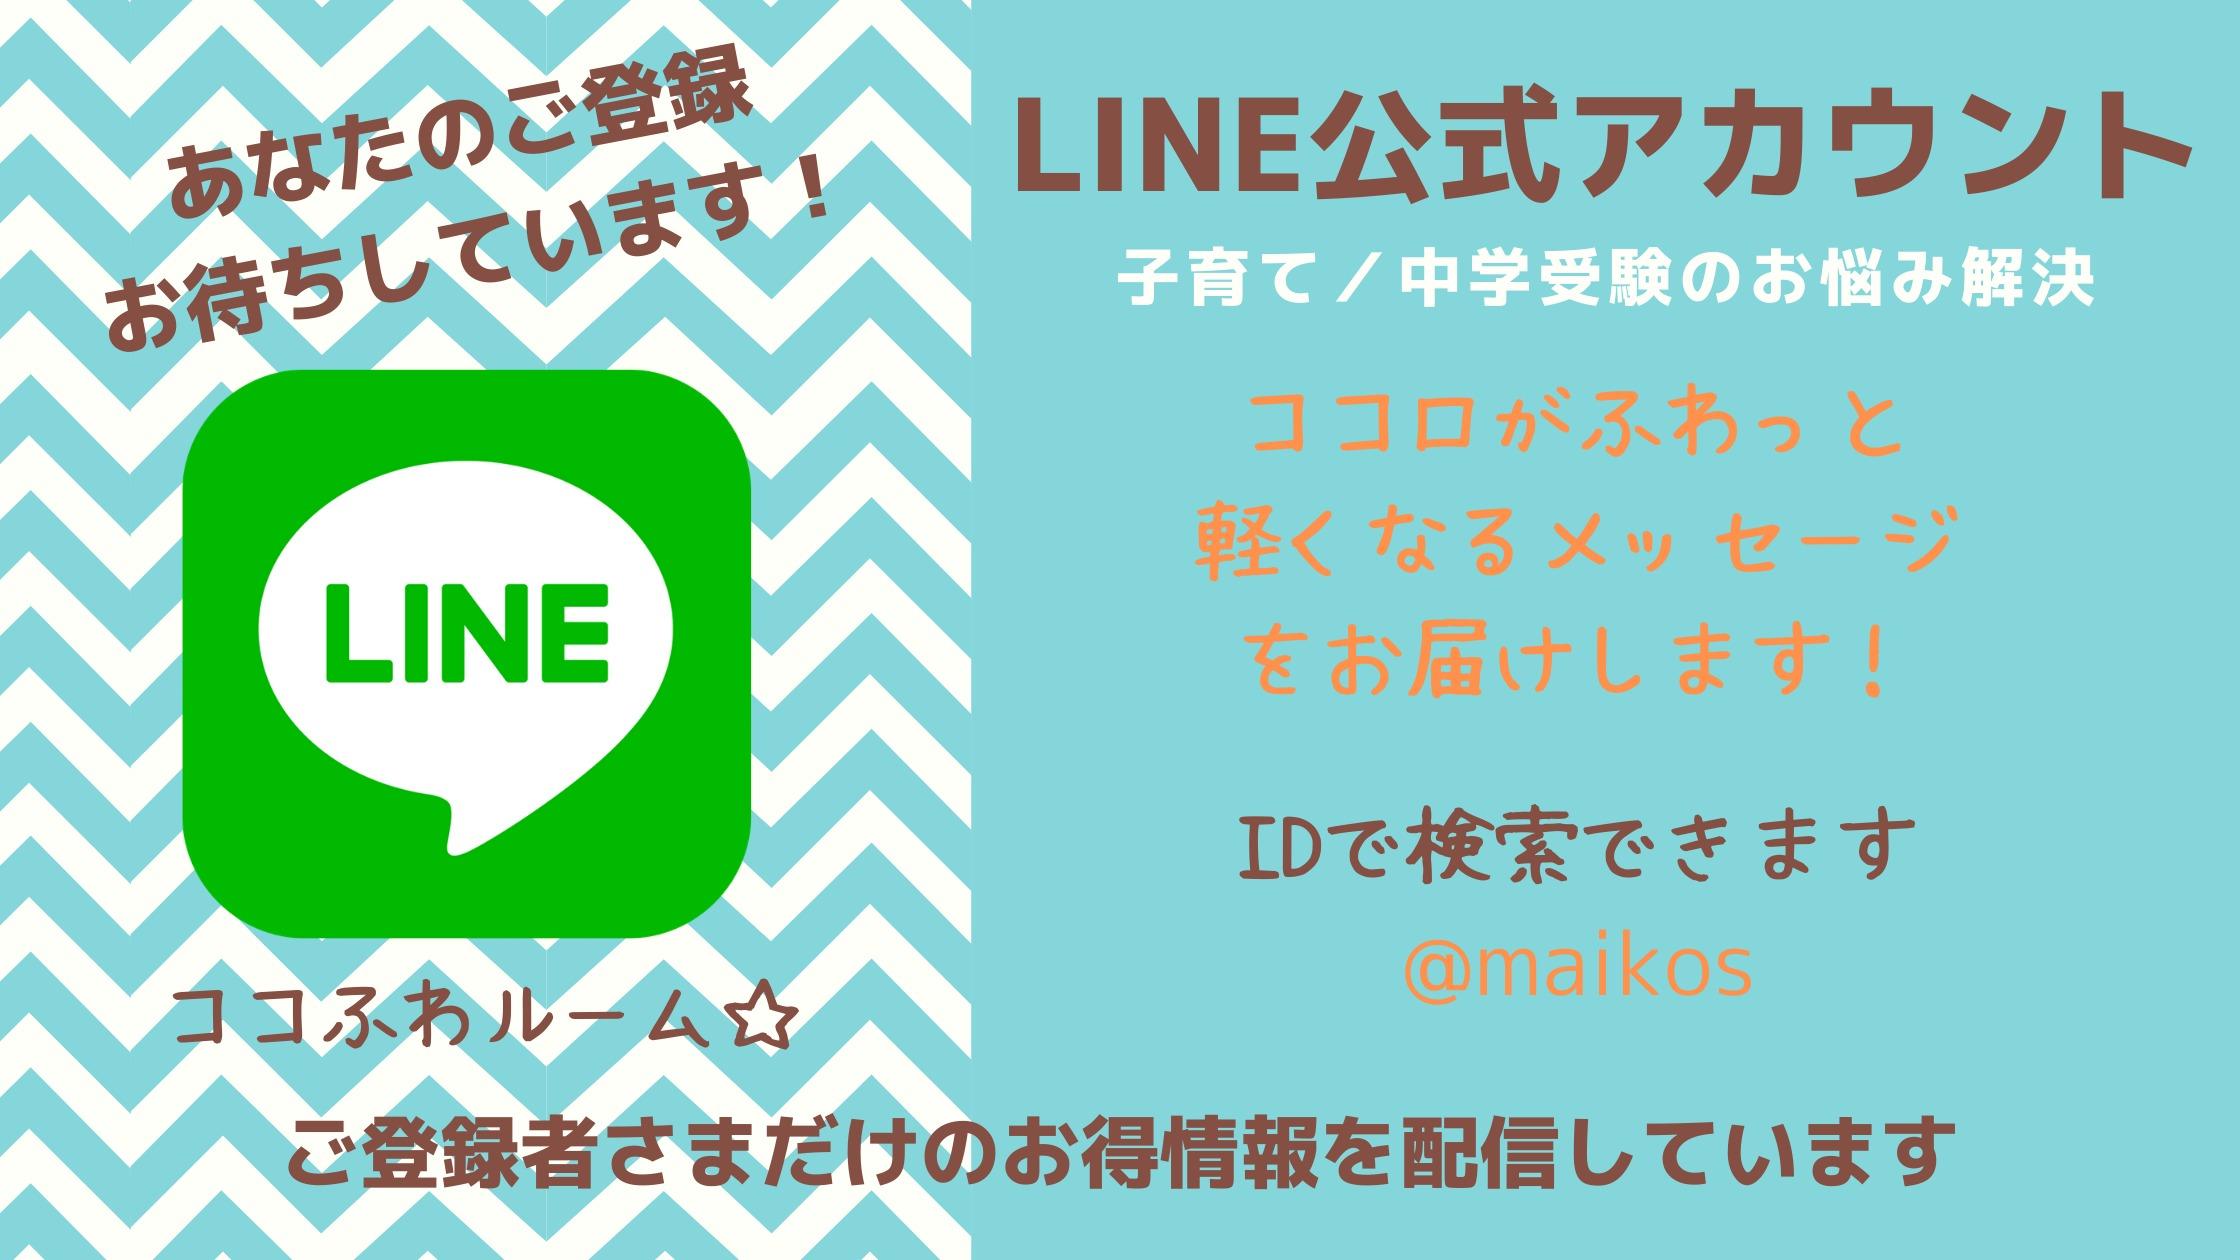 佐藤麻依子公式LINE